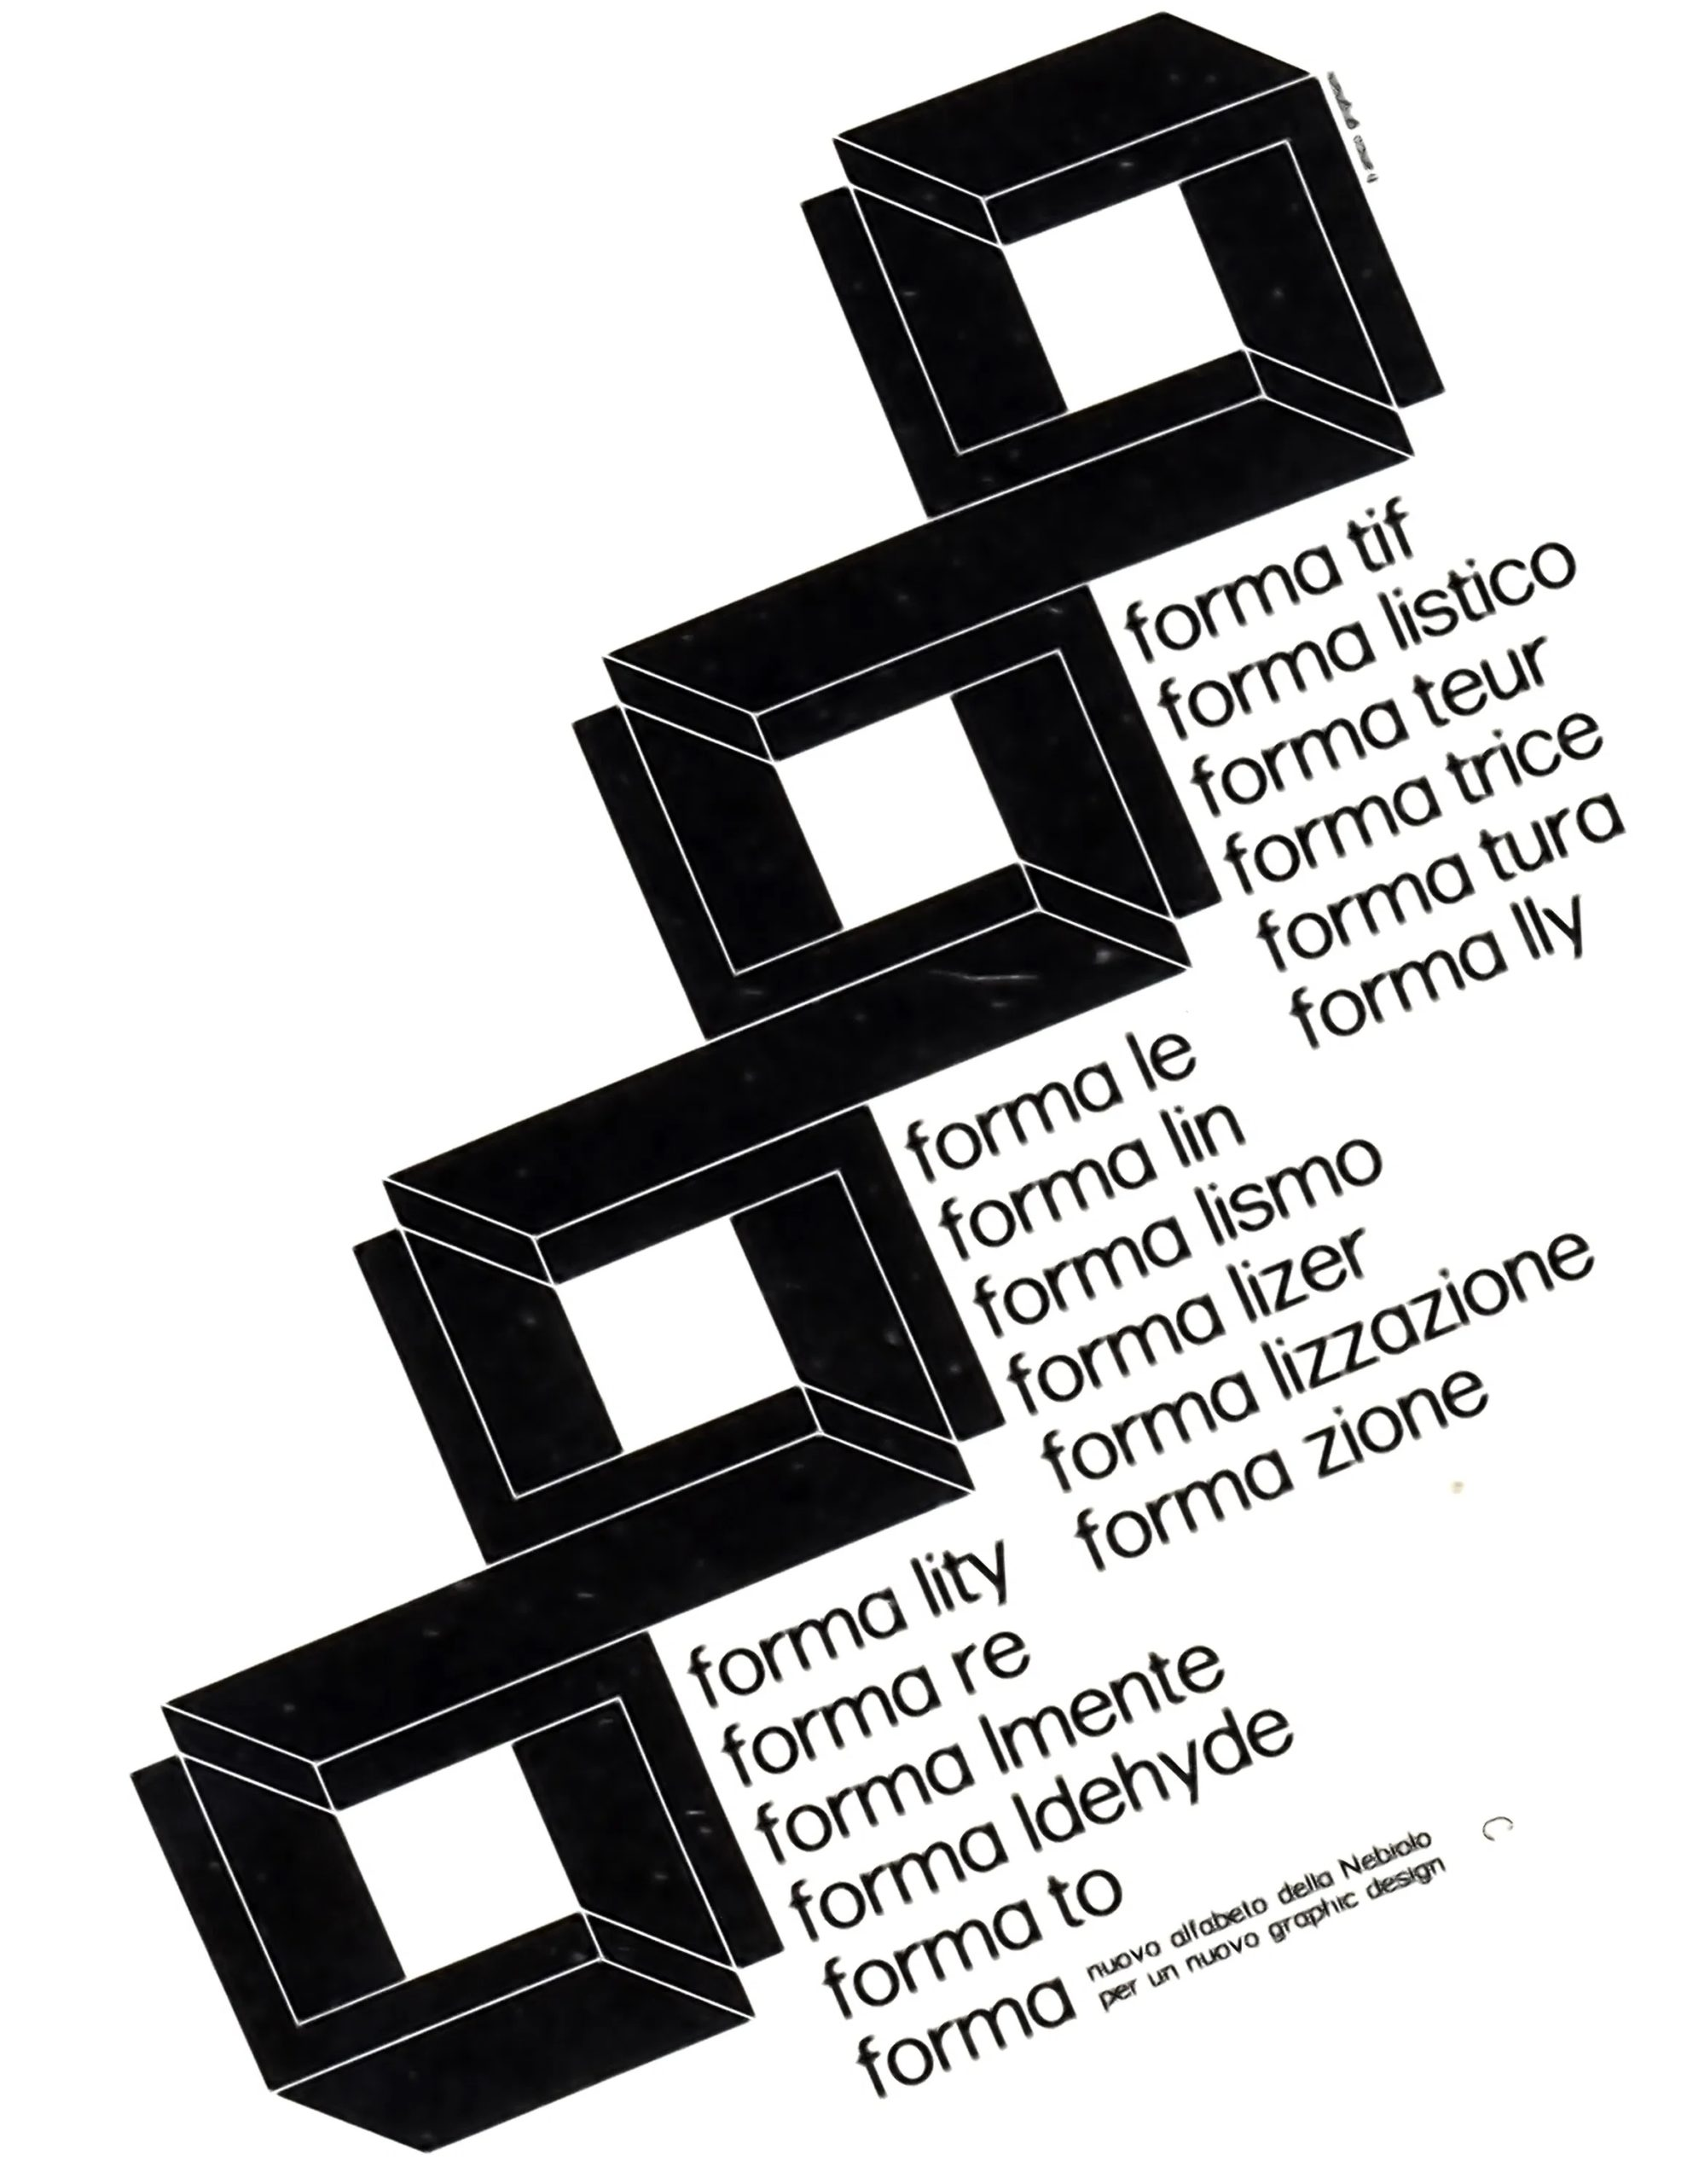 Franco Grignani, Forma, Società Nebiolo – Torino, 1968